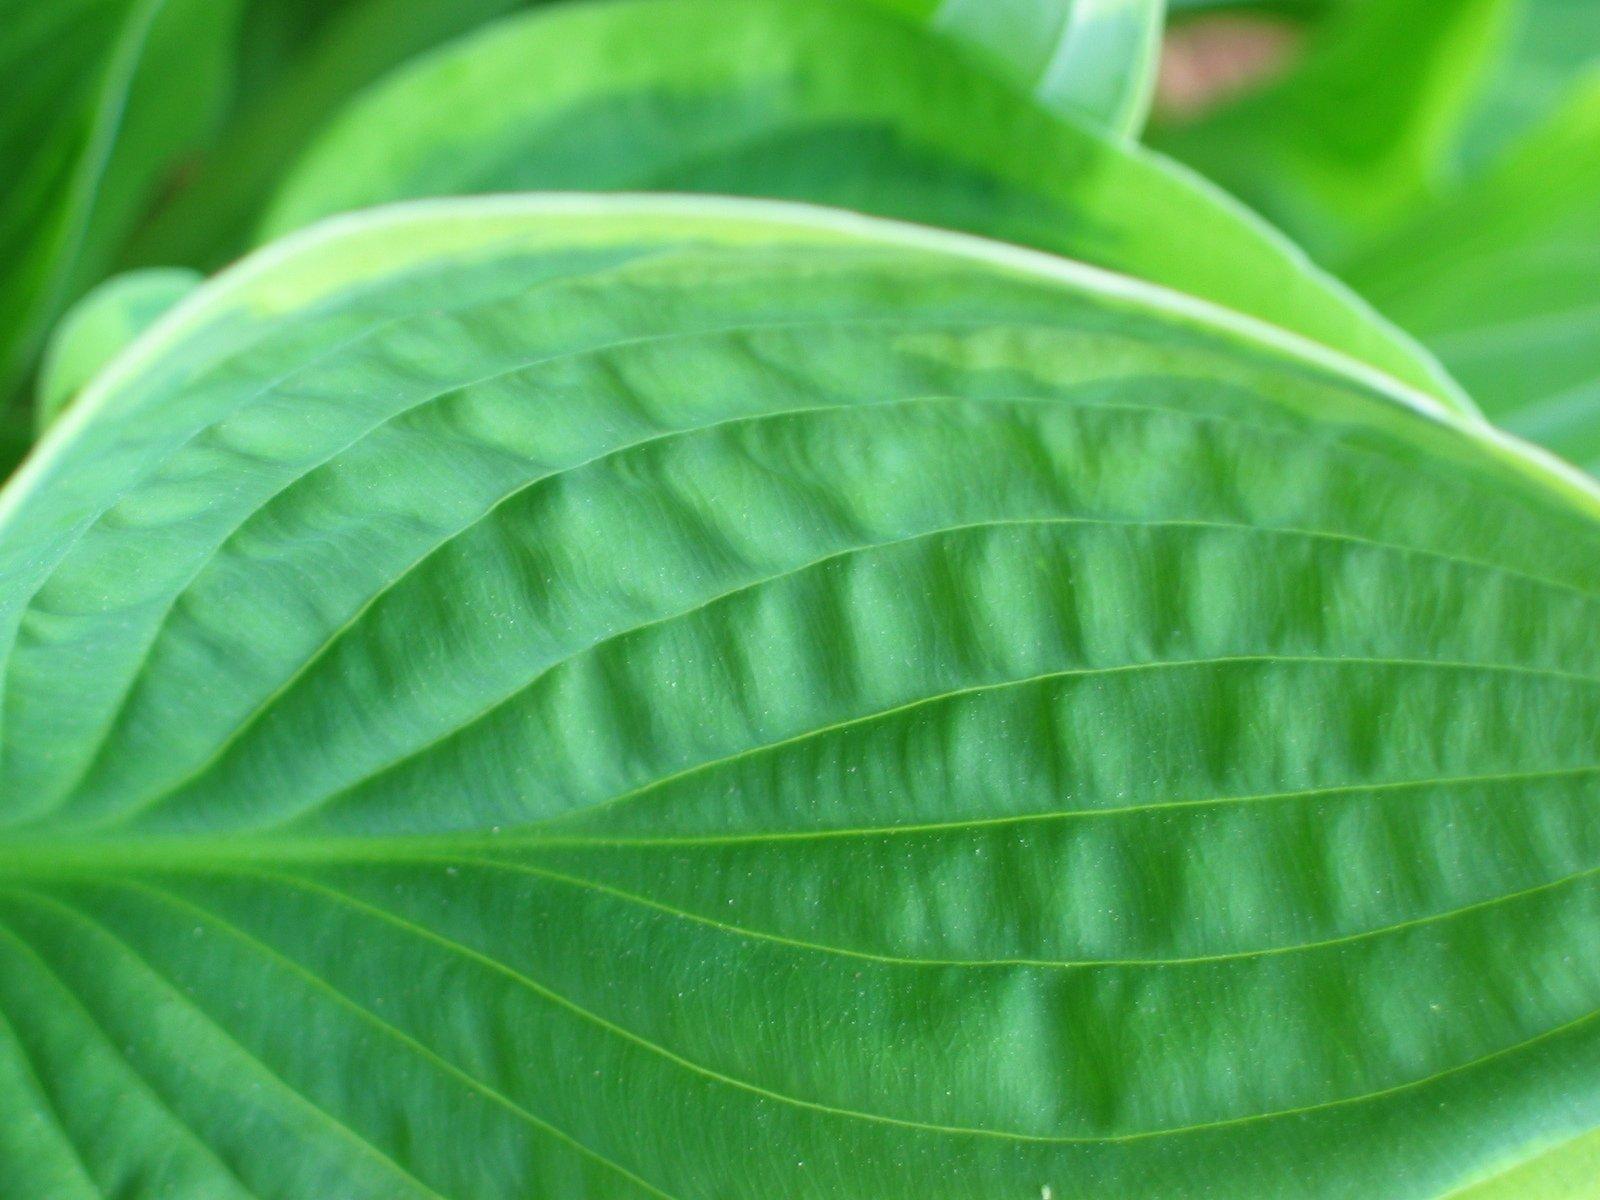 Free lush jungle foliage Stock Photo - FreeImages com